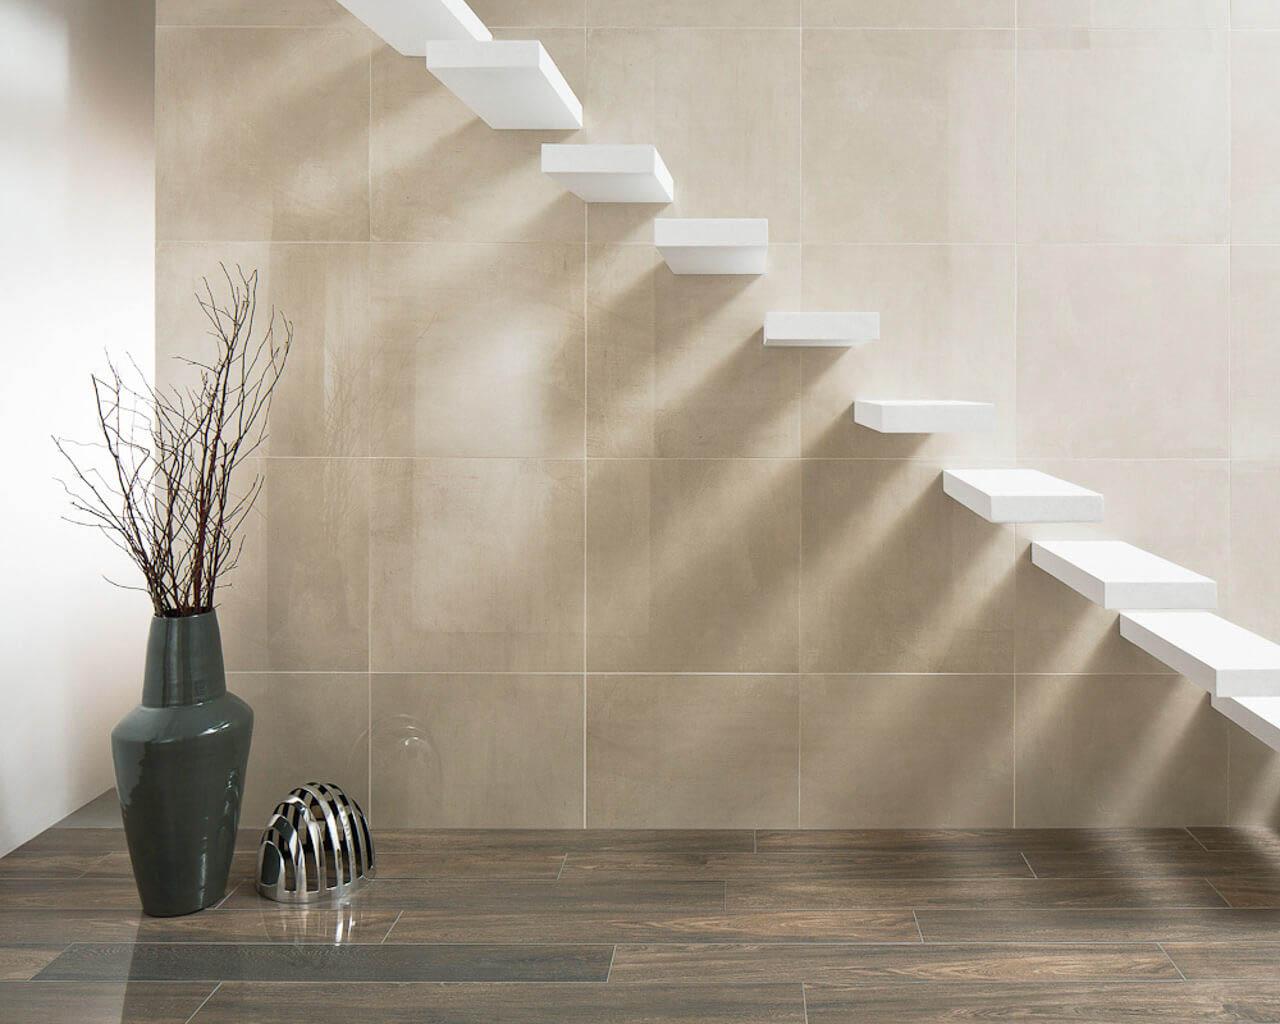 Ekskluzywna, jasna przestrzeń salonu lub holu ze schodami